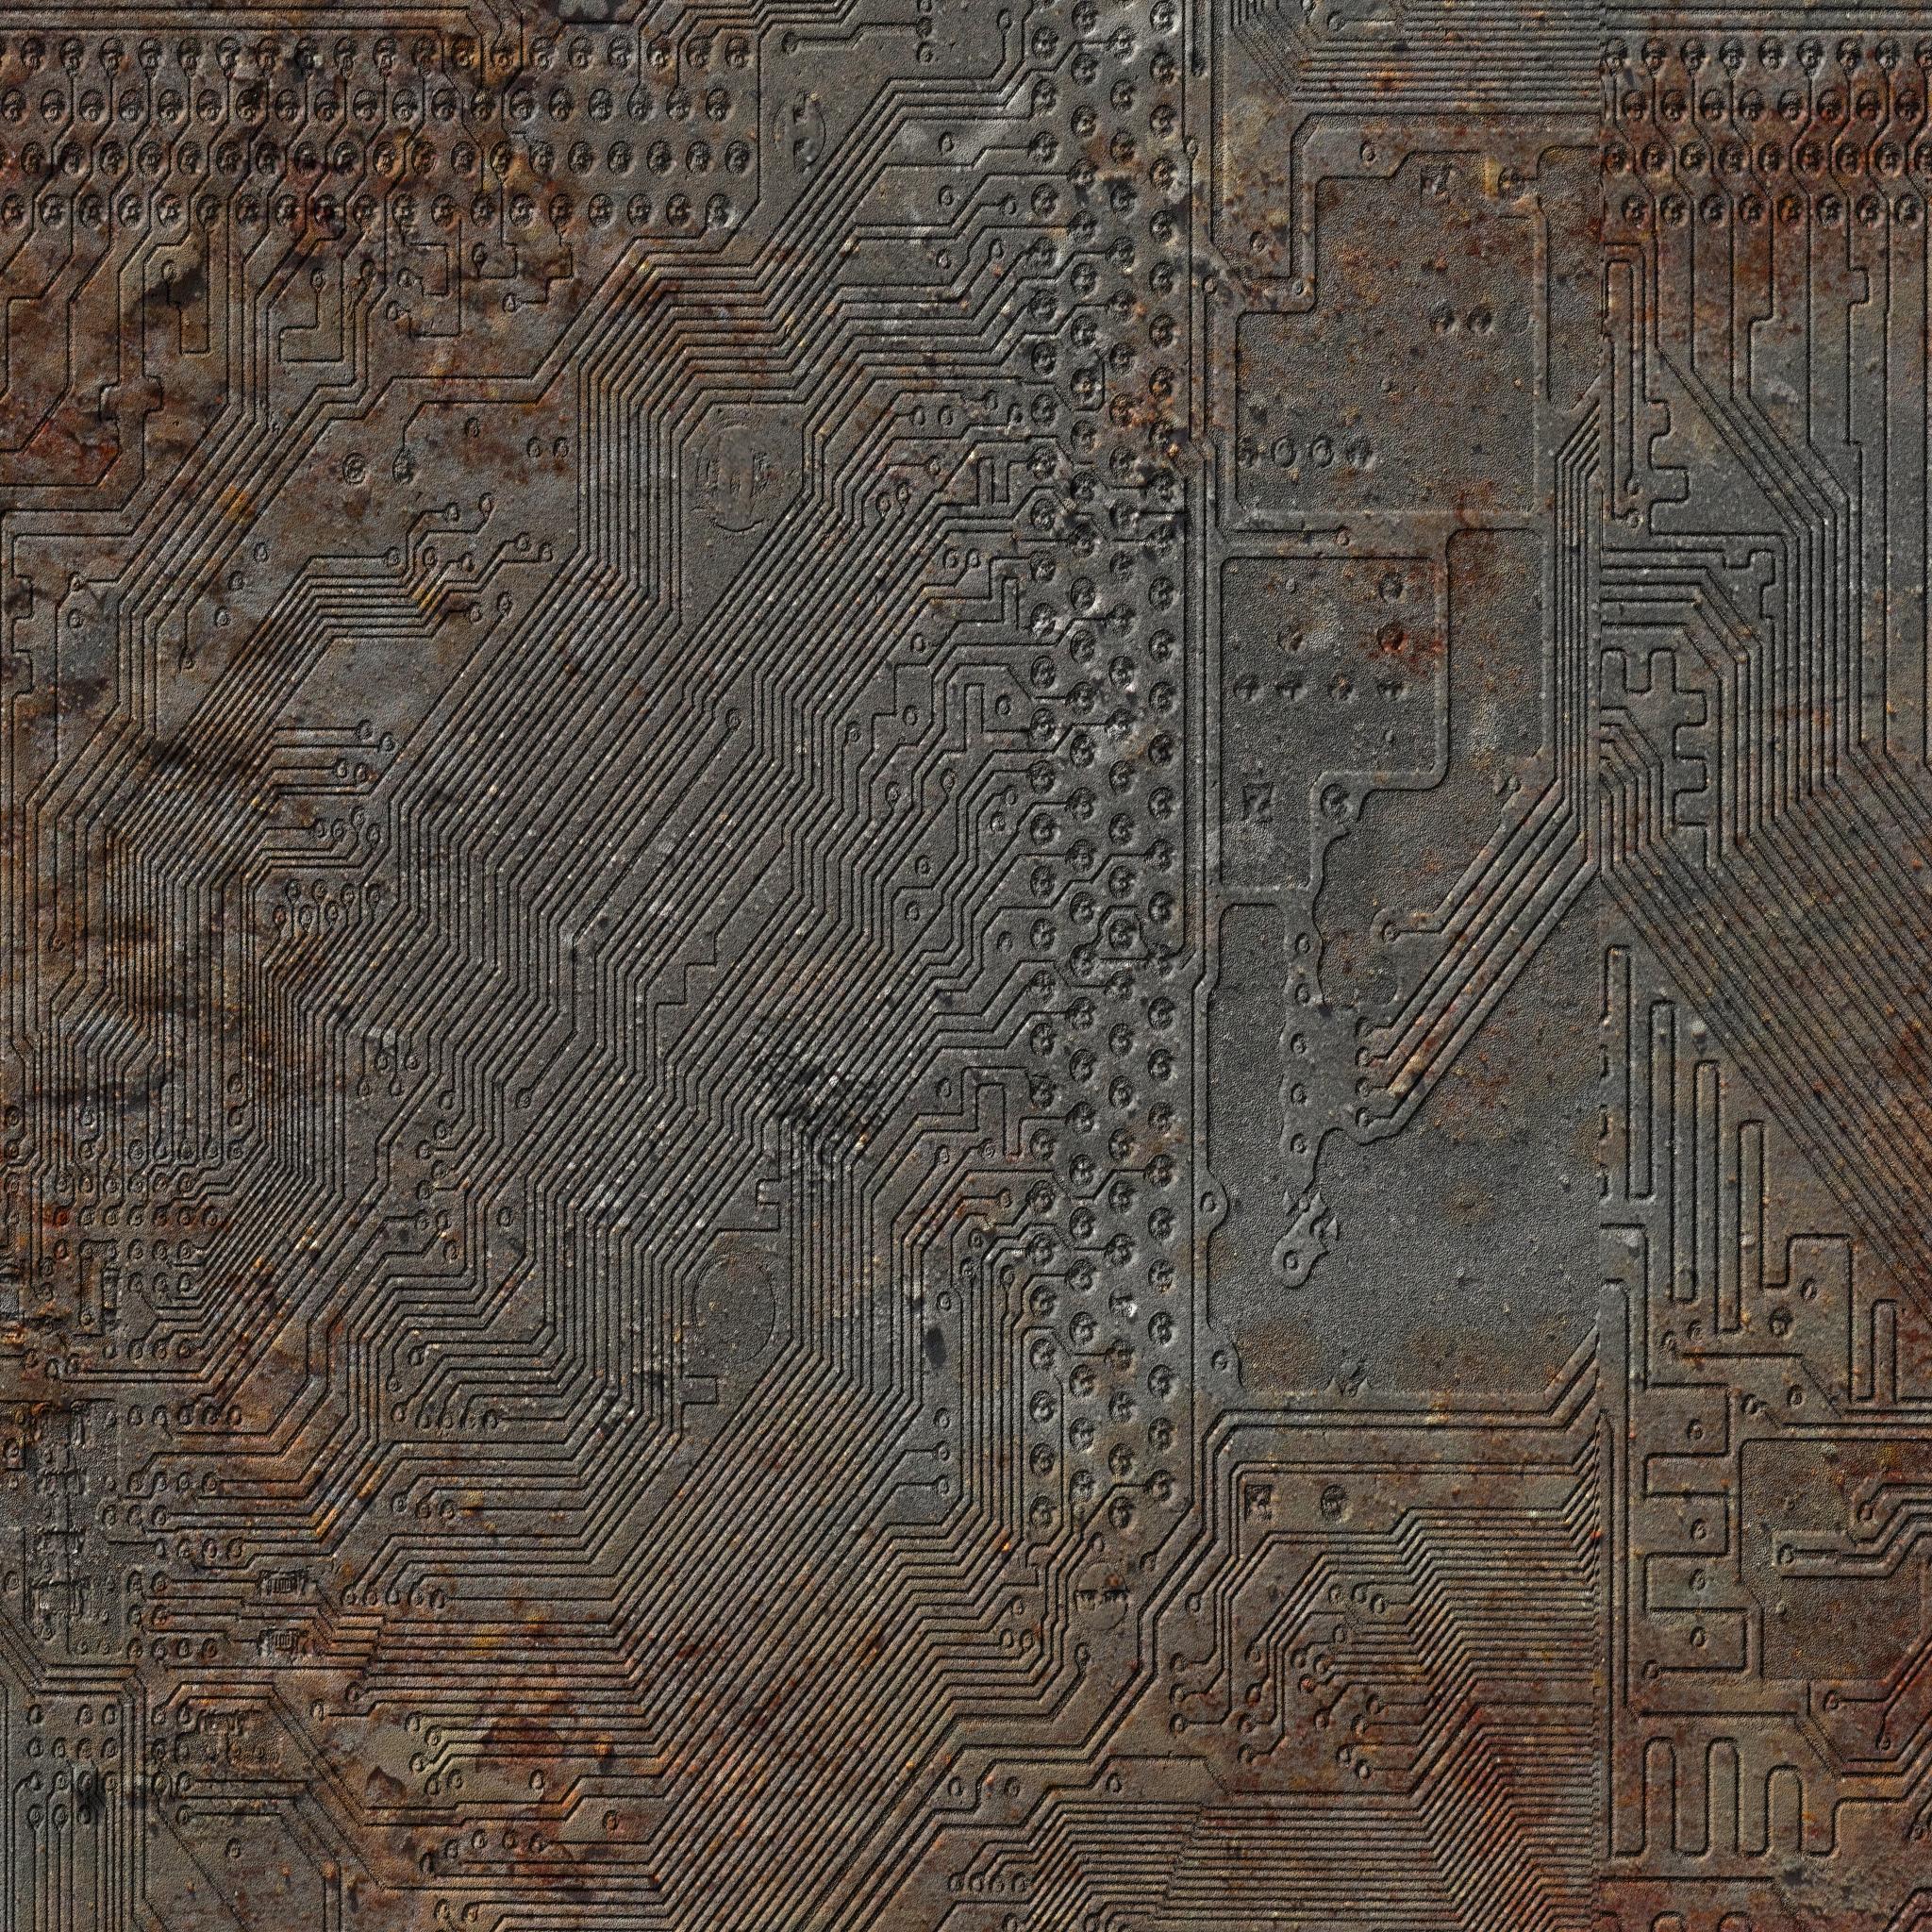 Texture Sci Fi Soundimage Org